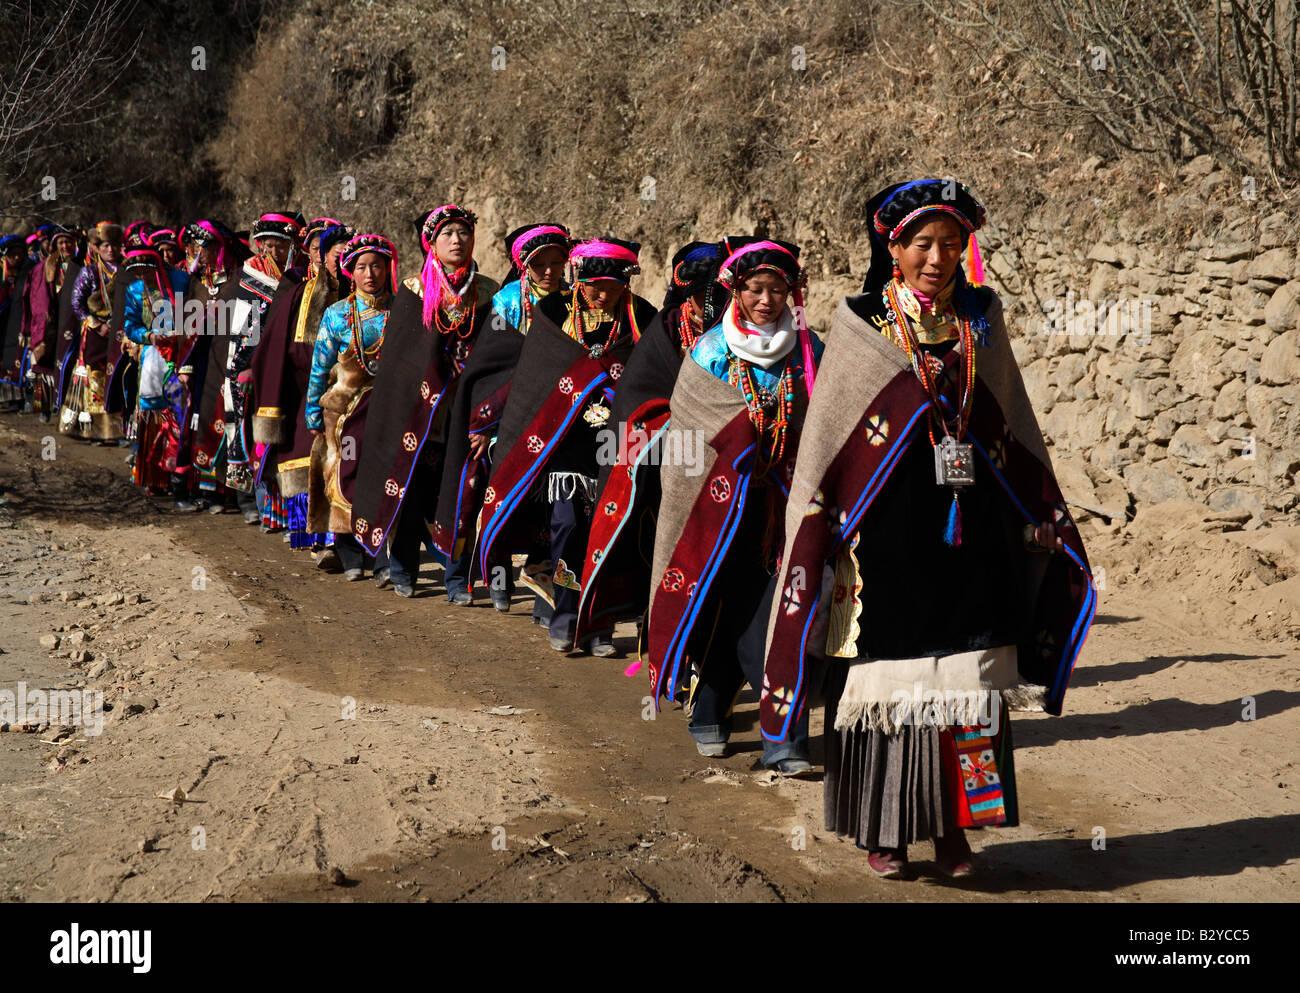 Dorfbewohner Die Teilnahme An Einer Hochzeitszeremonie In Danba